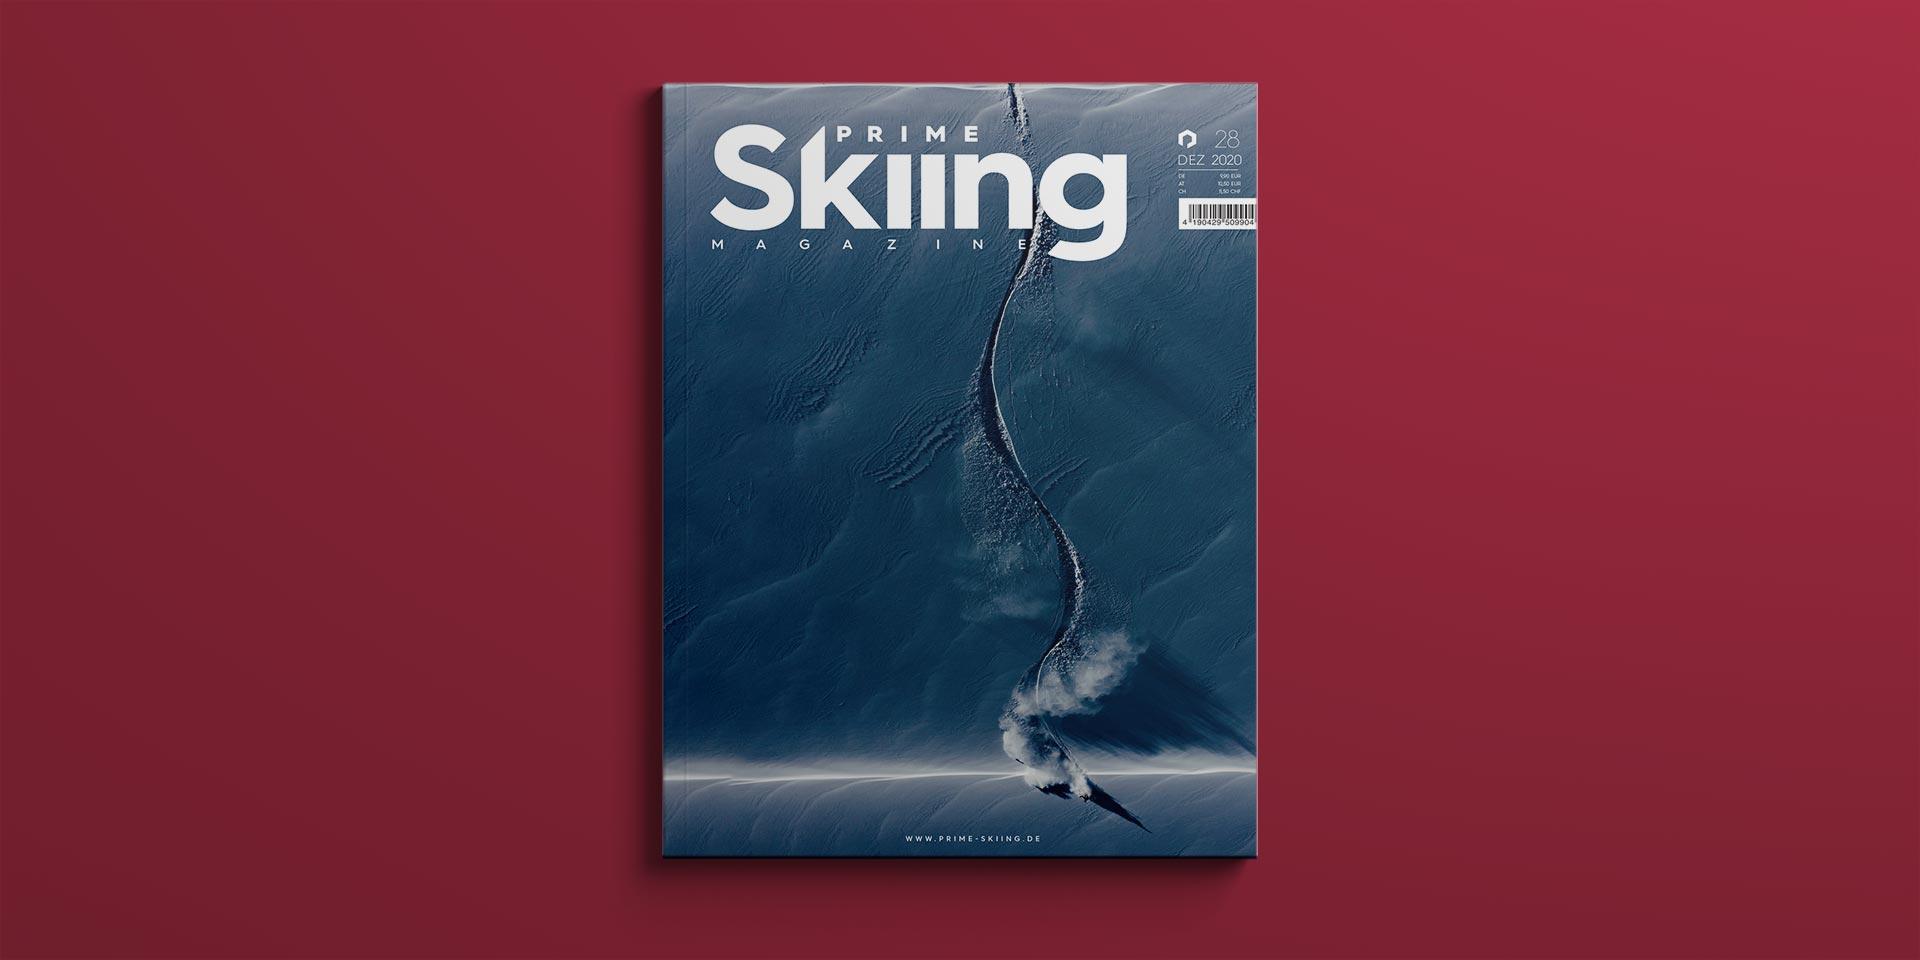 PRIME Skiing #28 – Ab sofort verfügbar!